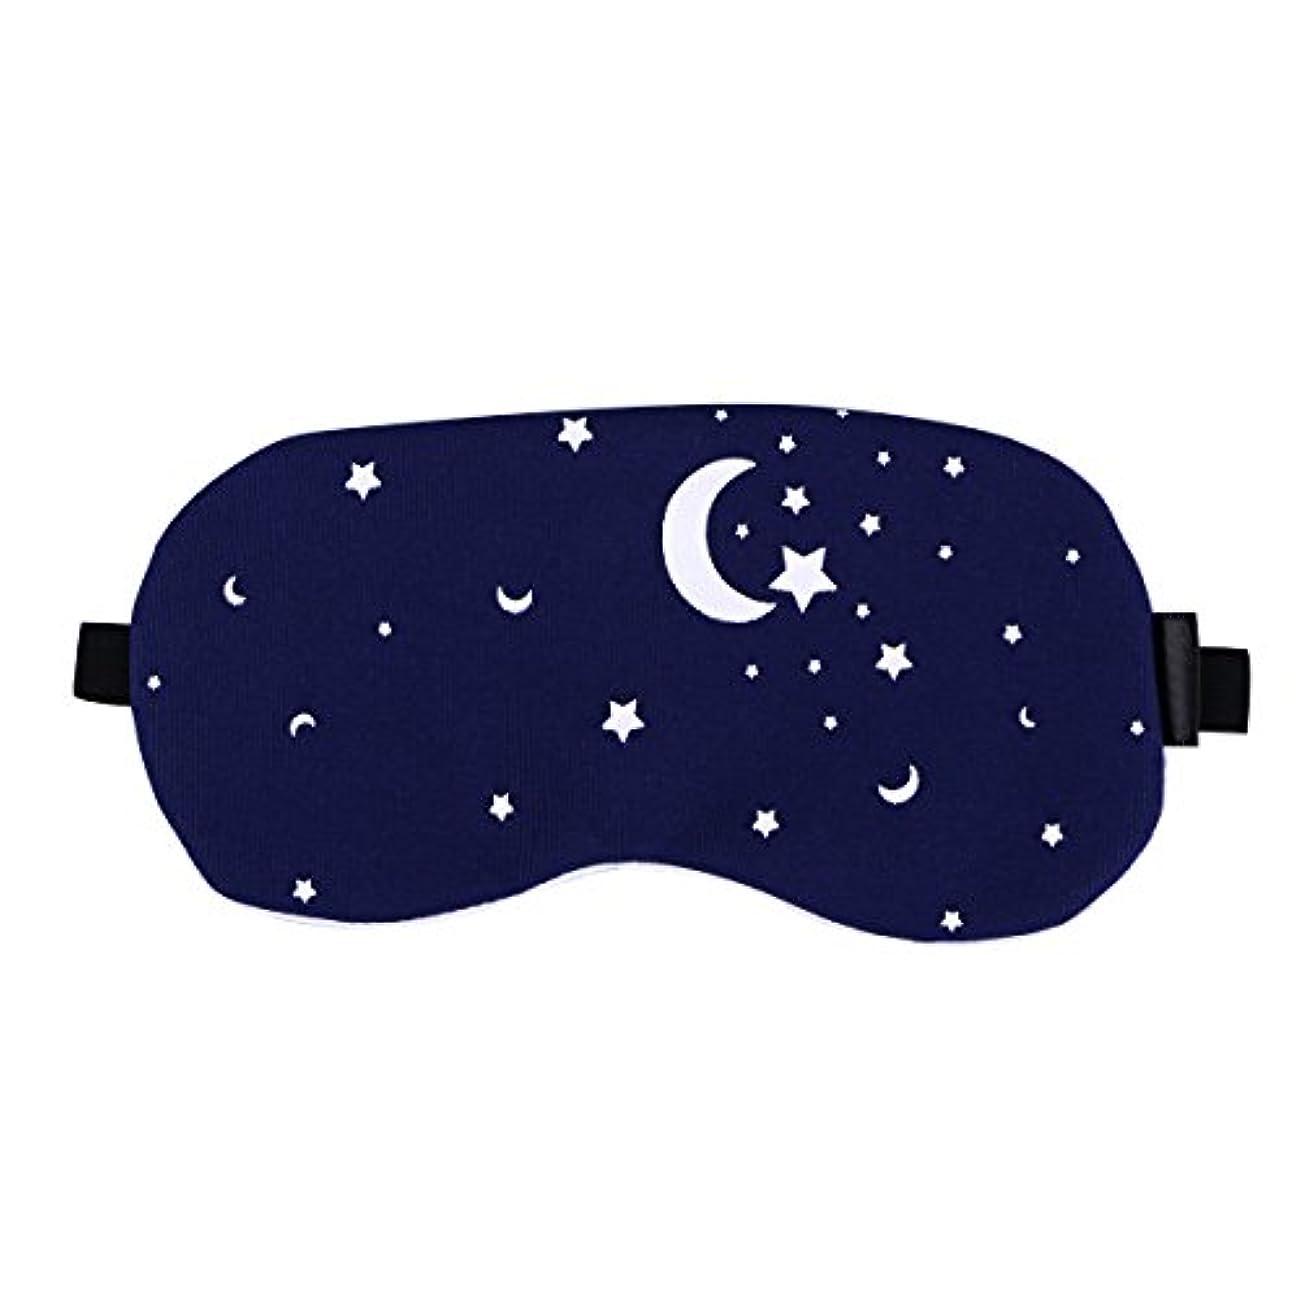 Healifty 男性と女性のための夜の眠りの目のマスクの綿とリネンの睡眠の盲目の睡眠のマスクのアイカバー調節可能なアイシェード(星空)